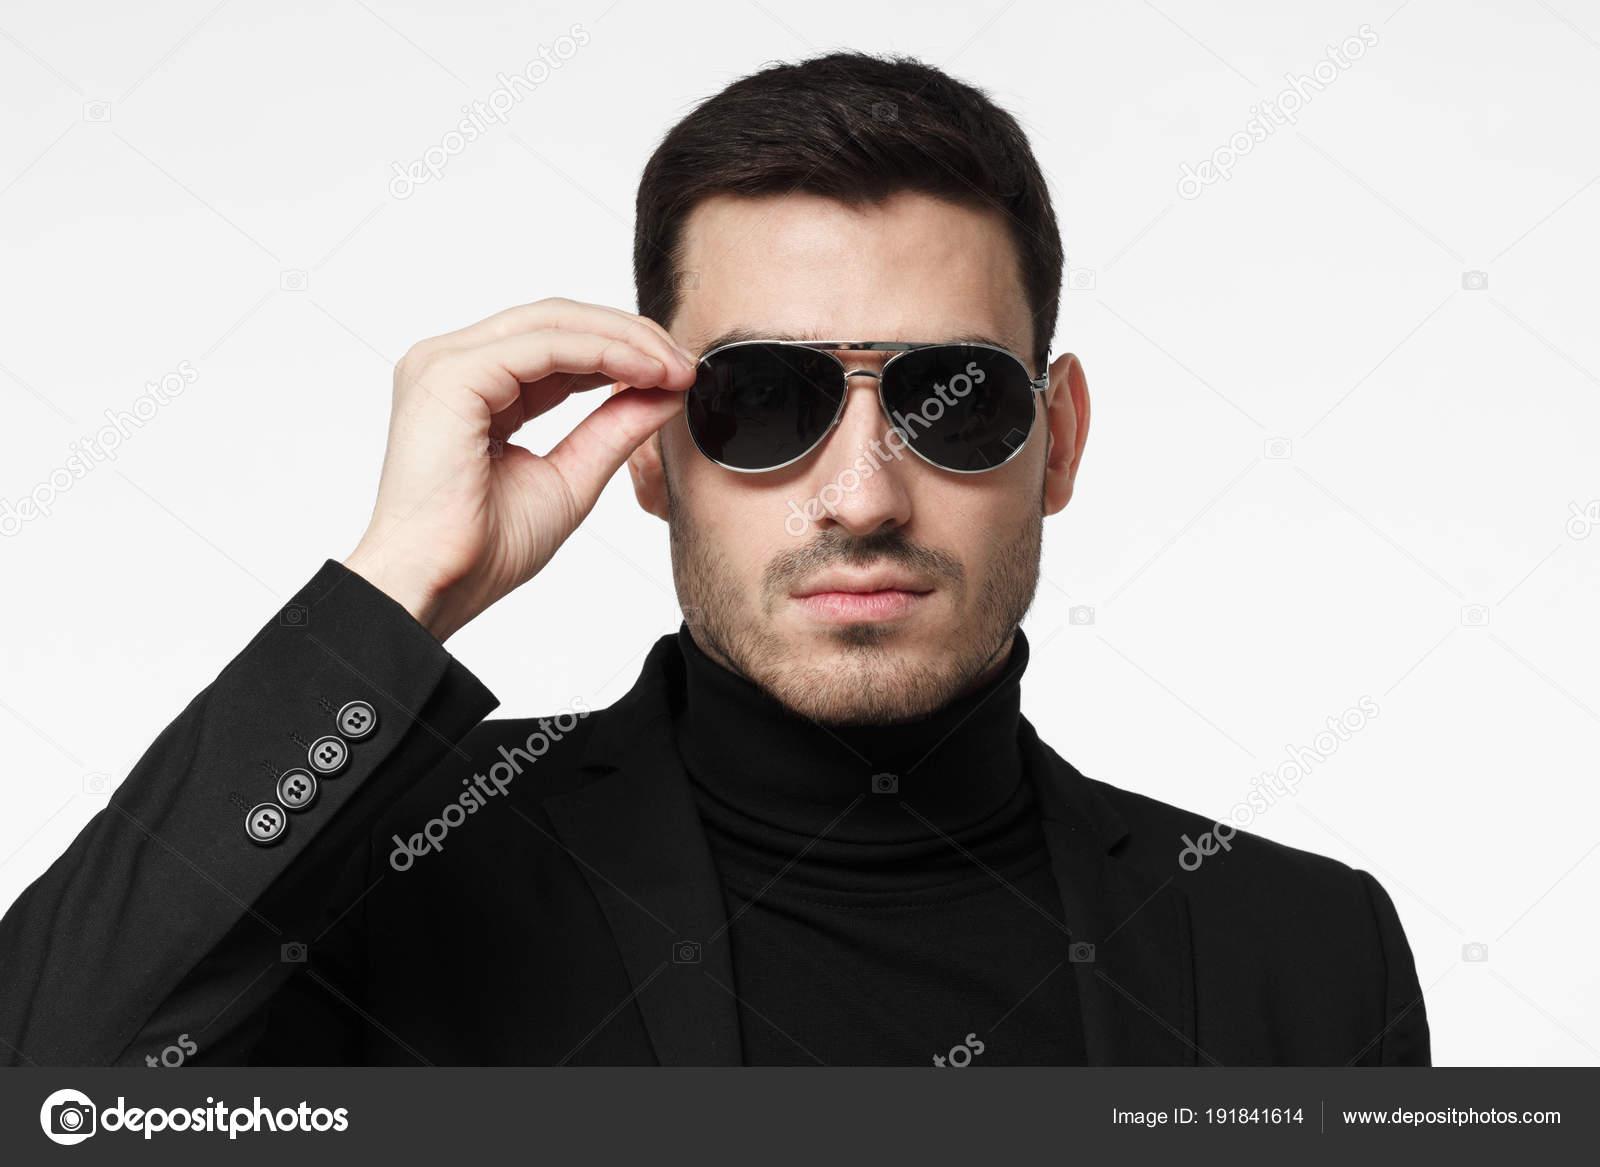 1cd2e8a1a53fec Nahaufnahme Schuss Leibwächter oder Geheimagenten tragen Anzug und  Sonnenbrille